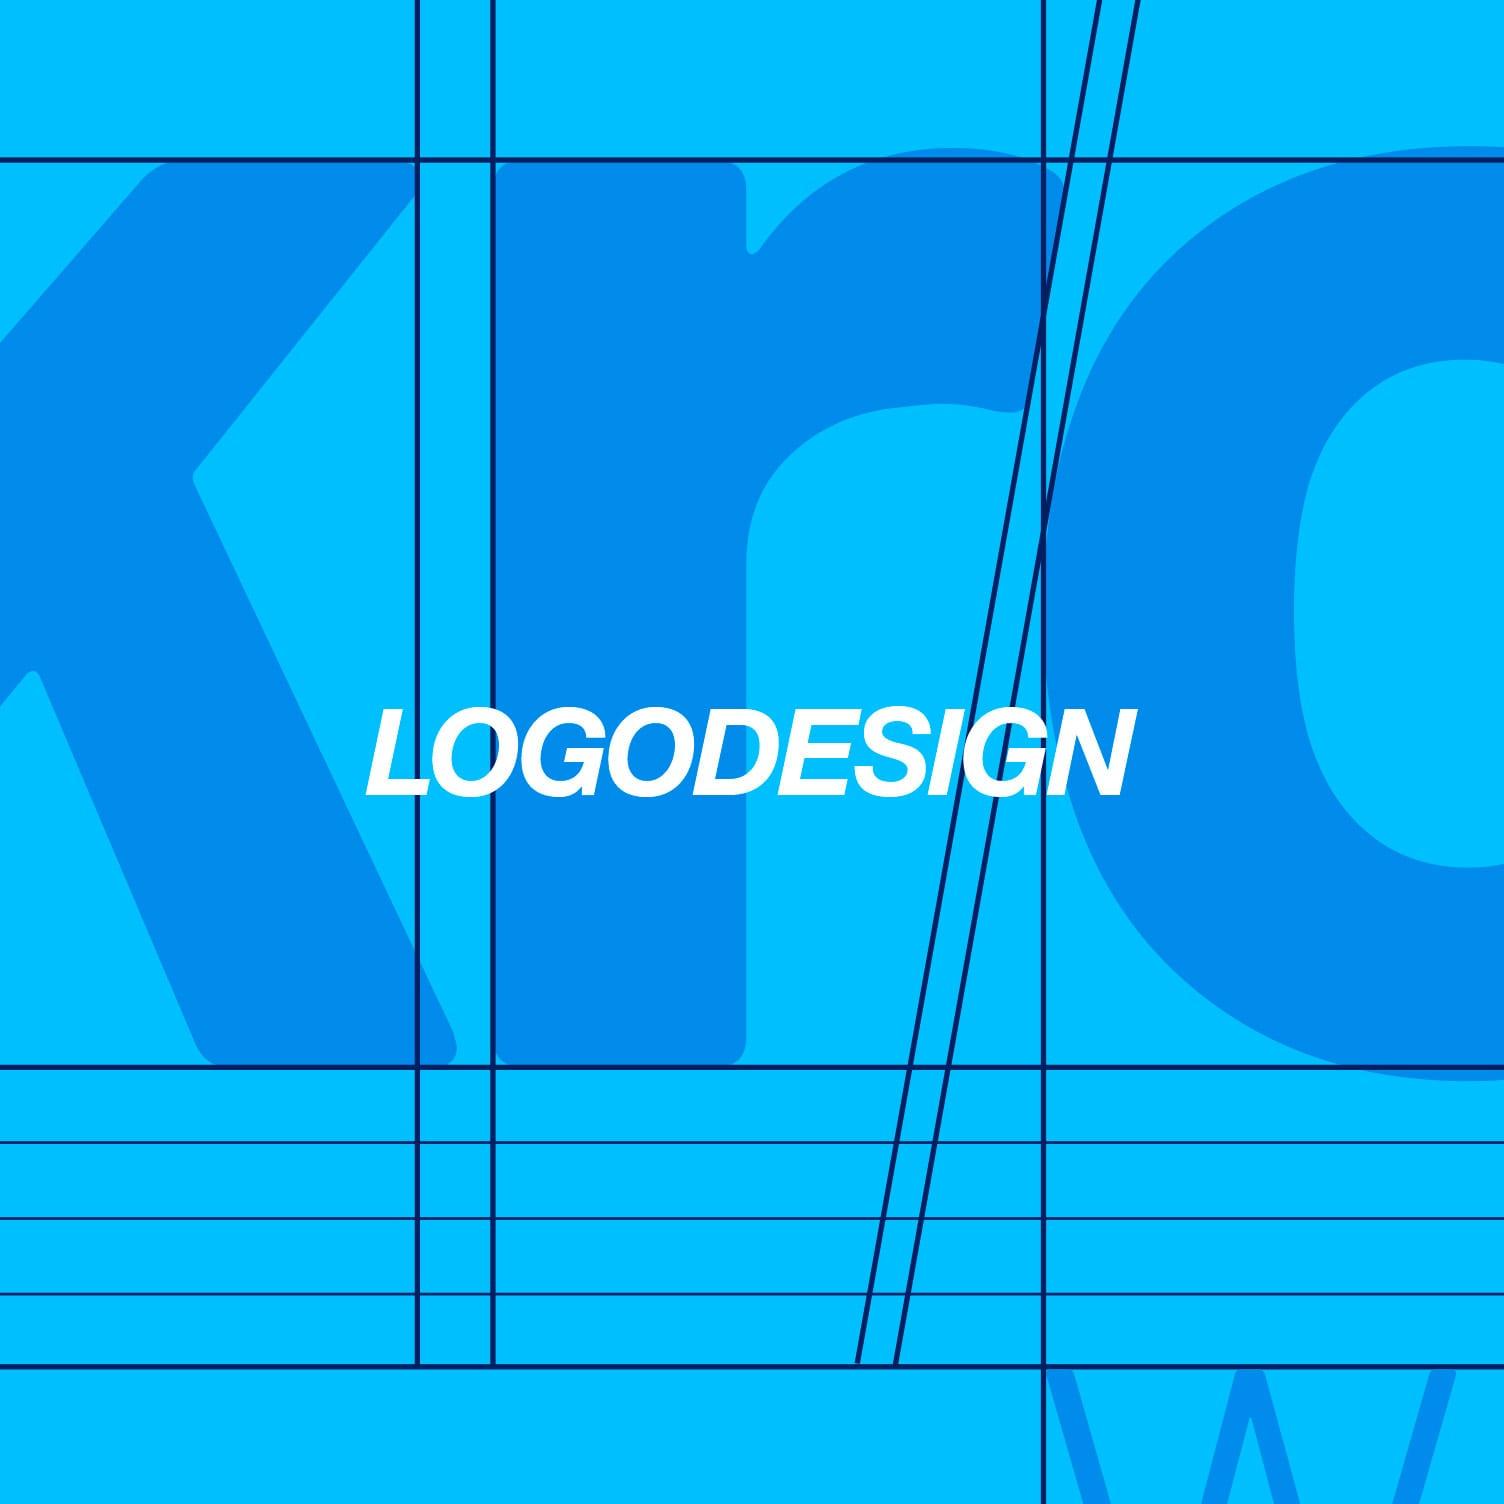 Case Logodesign